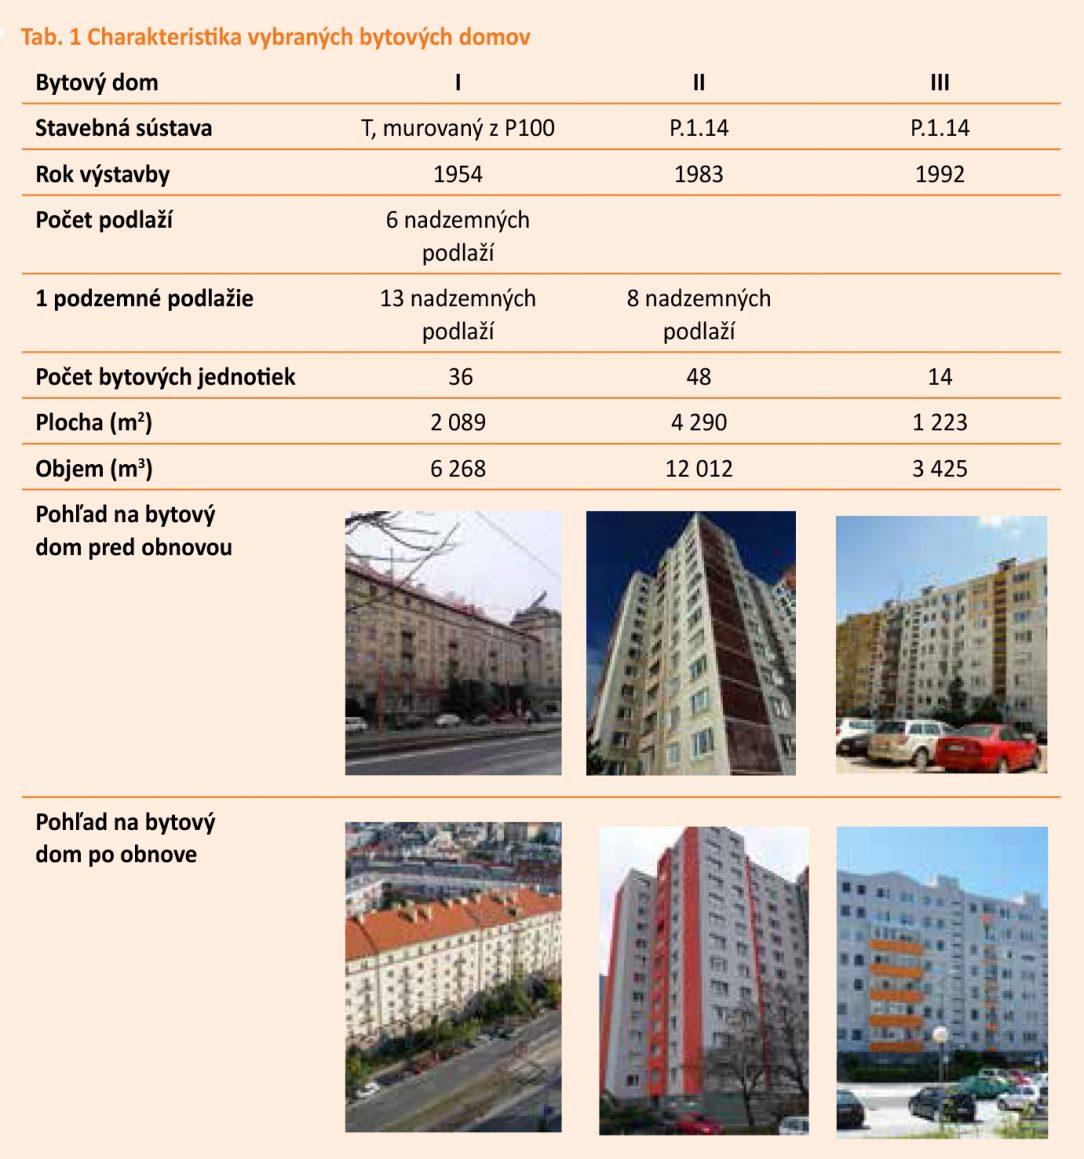 Tab. 1 Charakteristika vybraných bytových domov